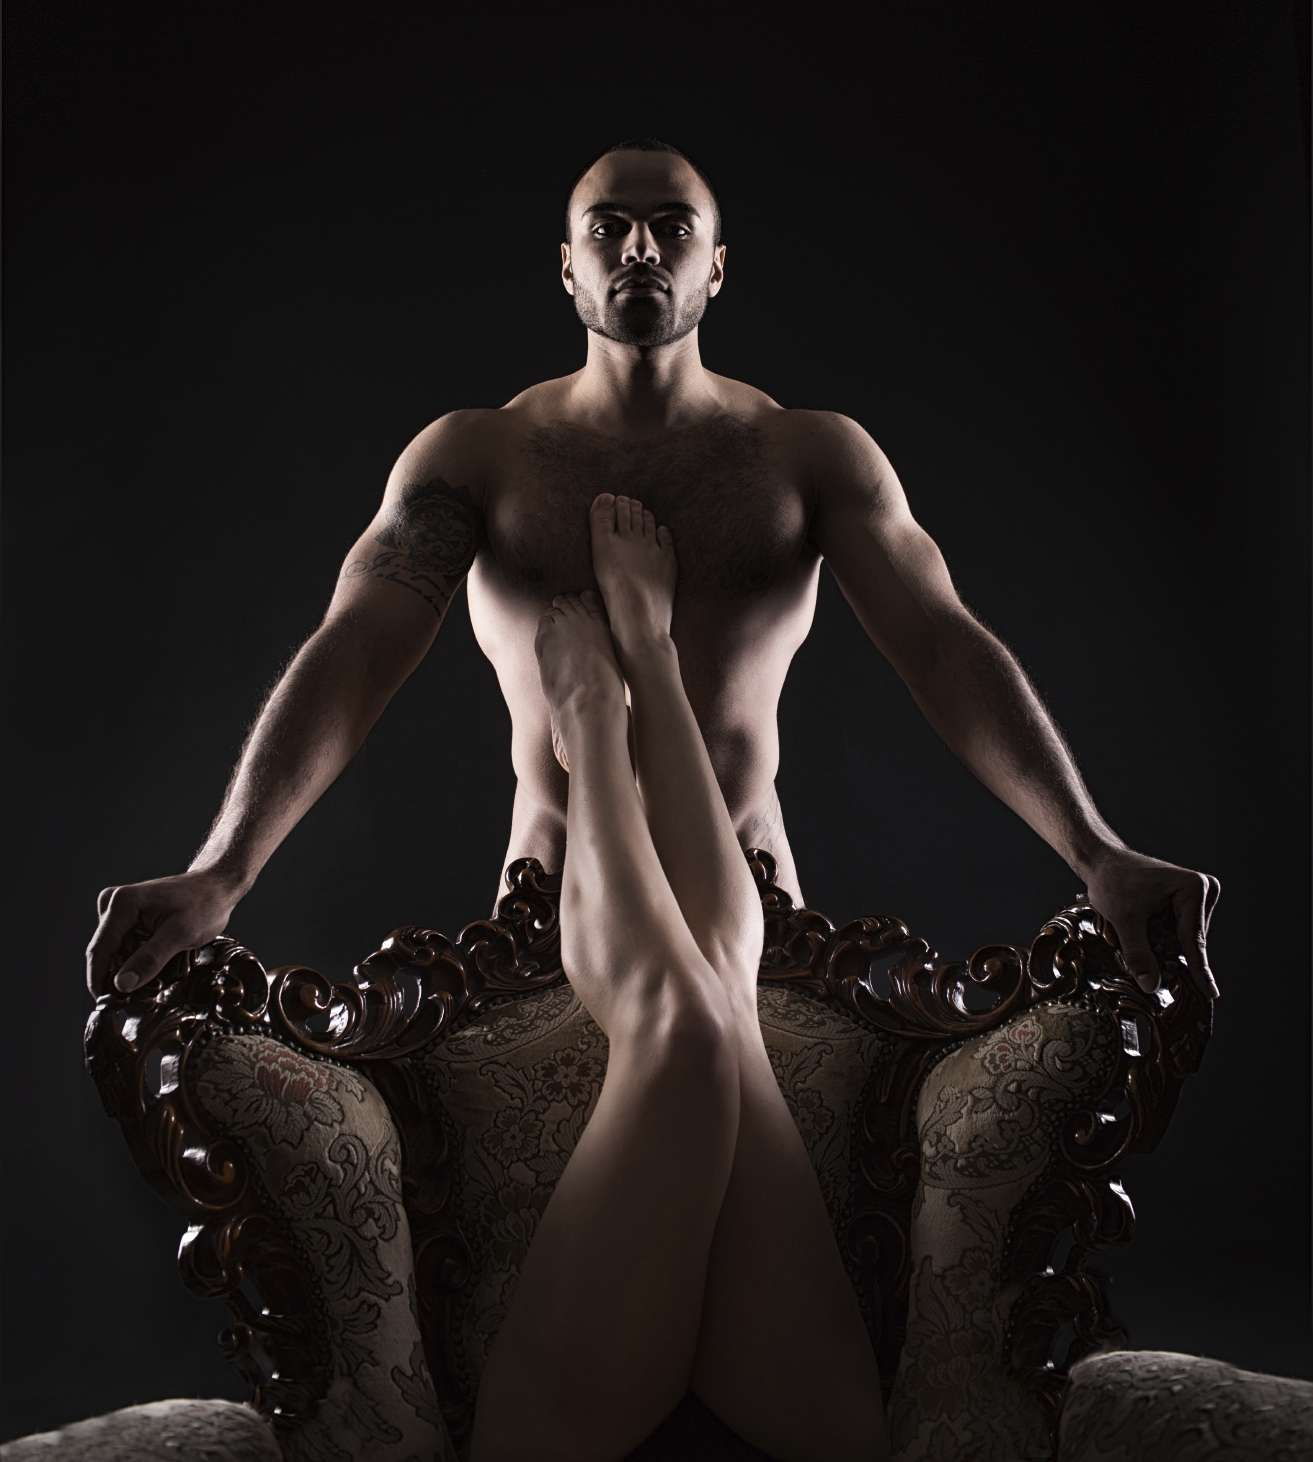 Hay posiciones sexuales que son muy visuales para ellos y, por eso, les excitan más. Foto: iStock